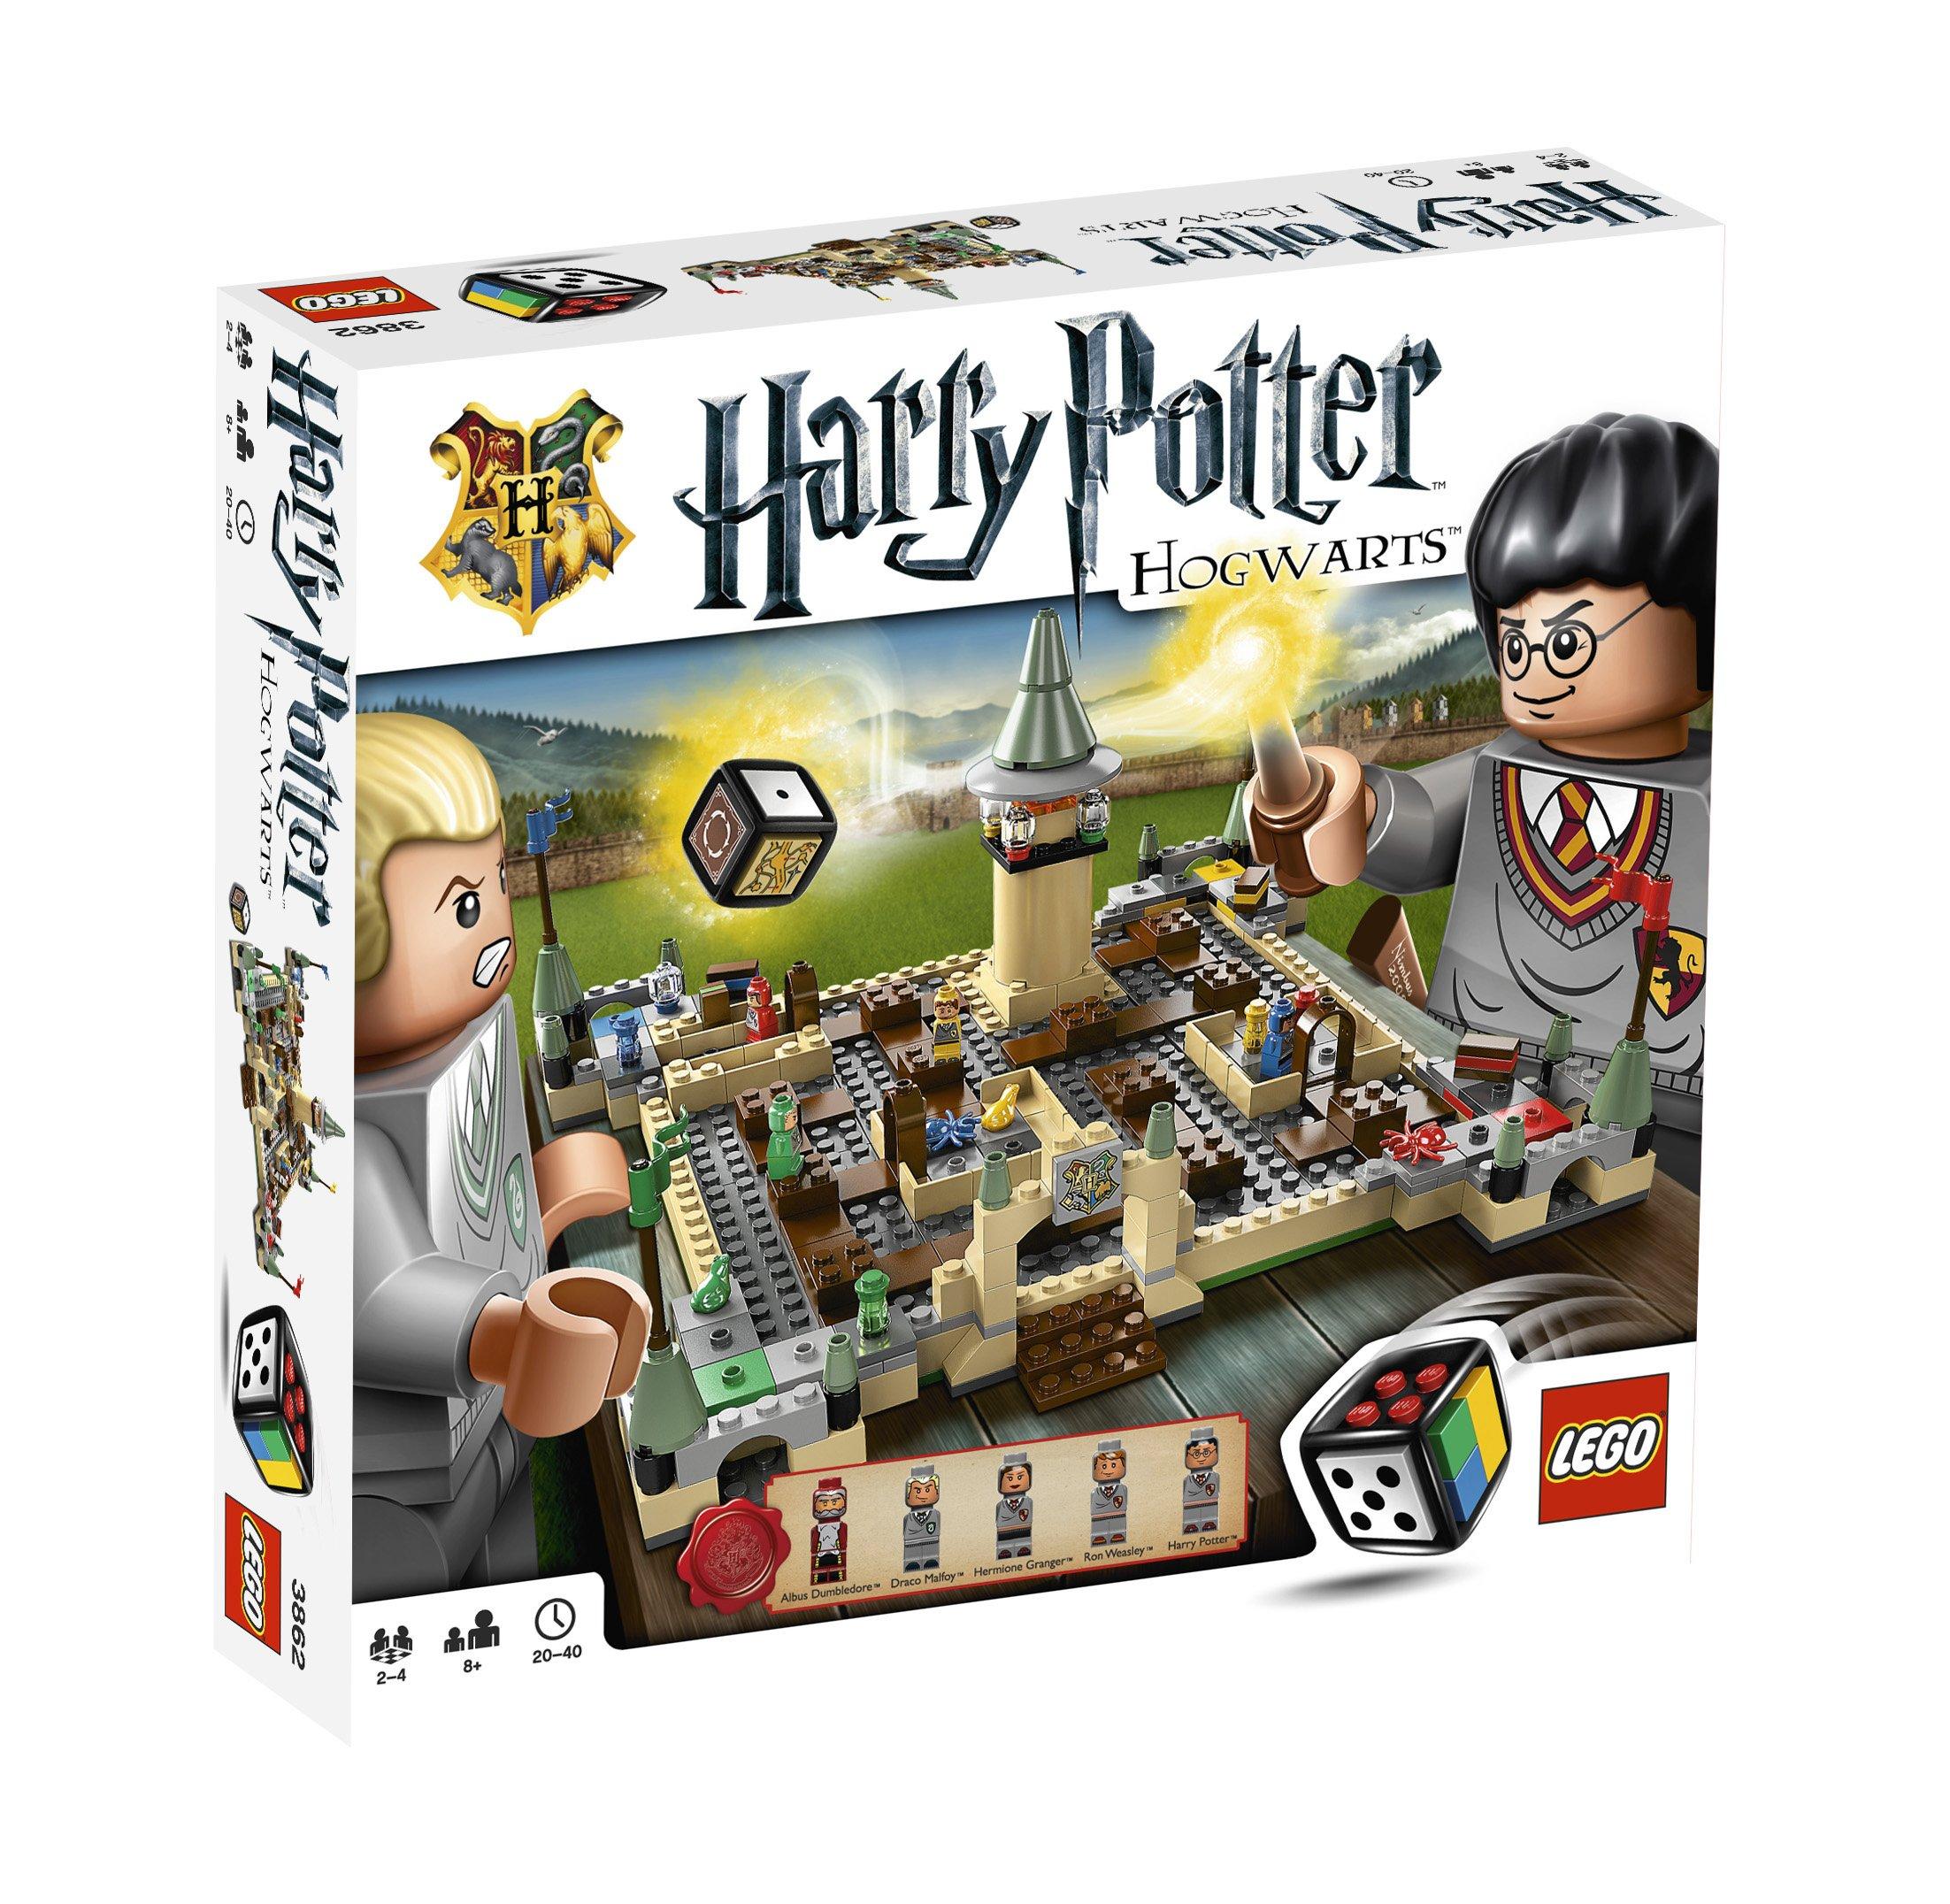 LEGO Games 3862: Harry Potter Hogwarts